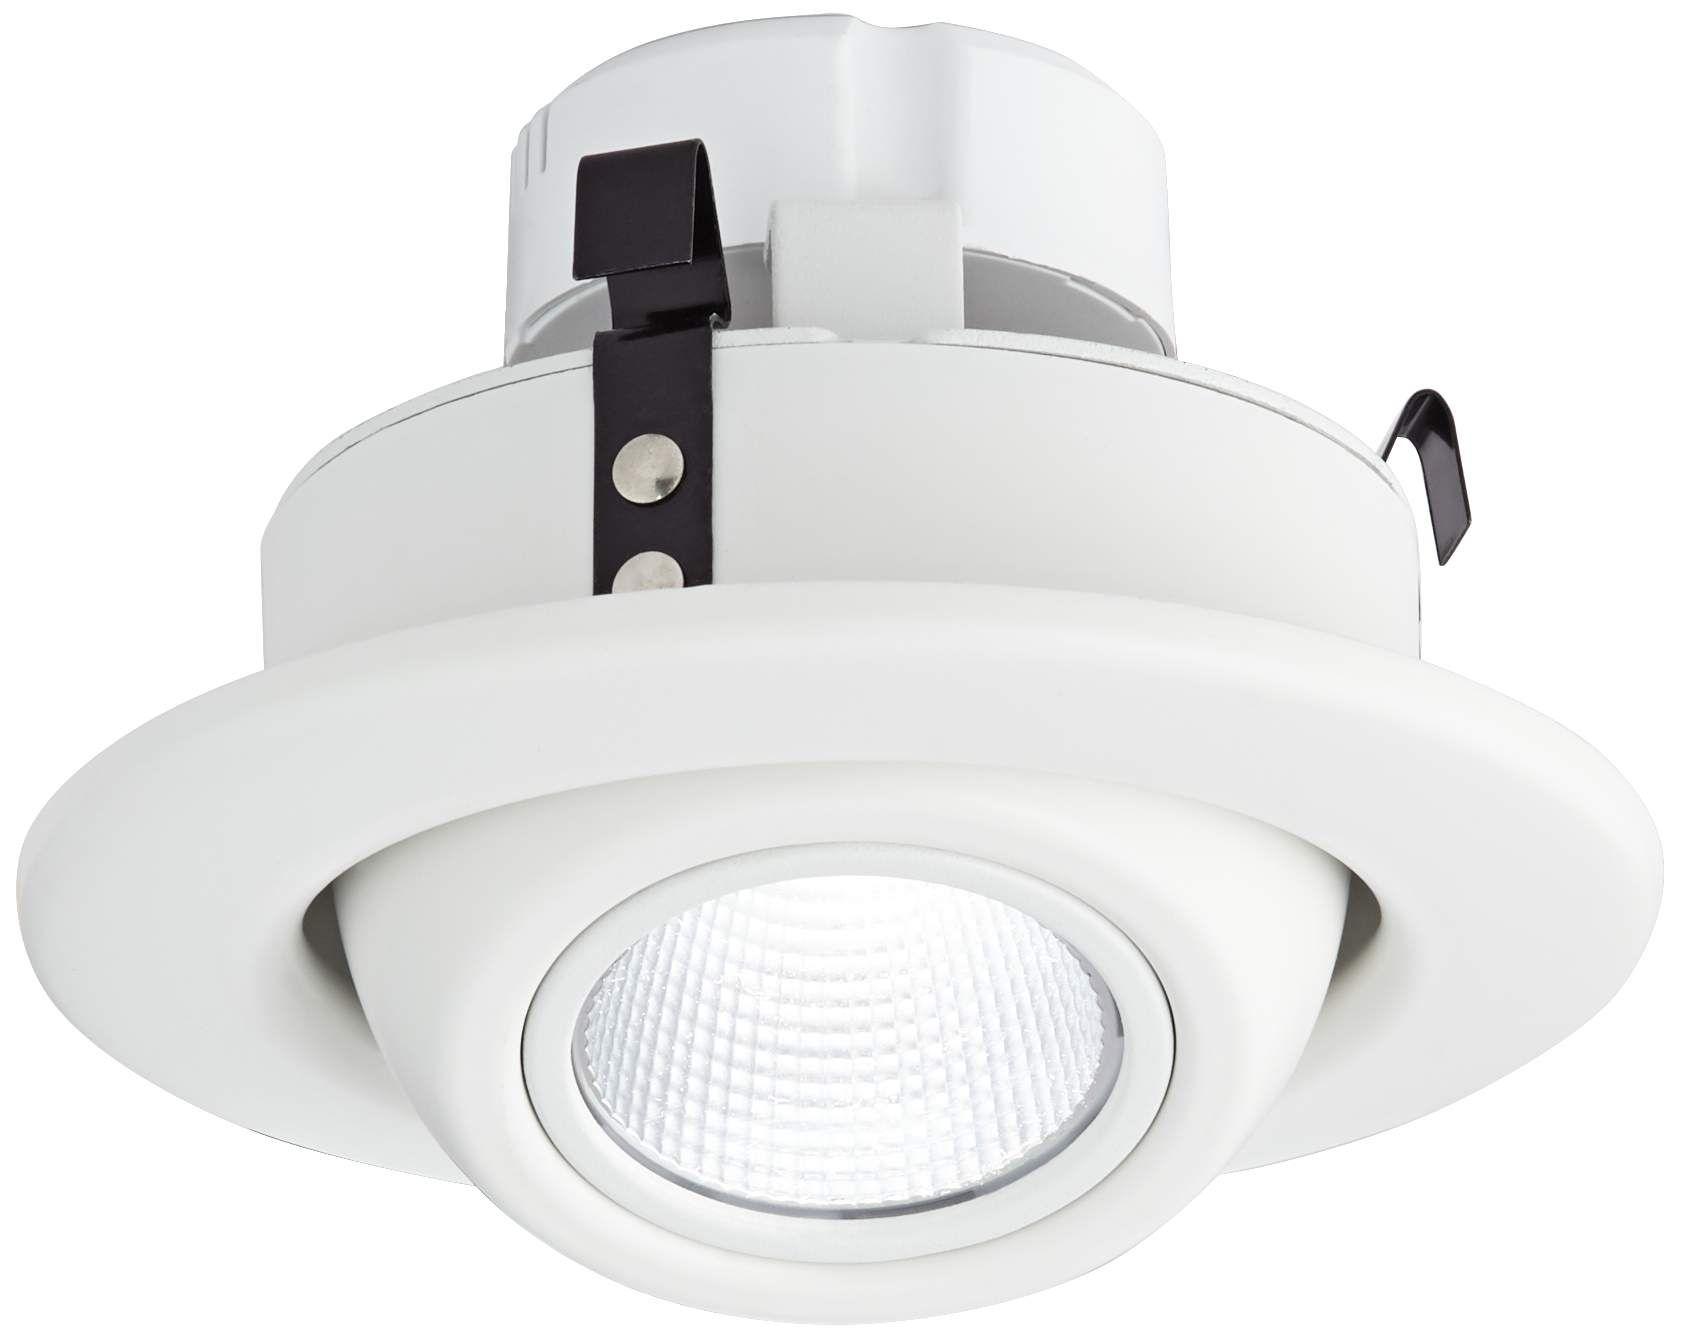 Recessed Lighting 4 White Eyeball 10 Watt Led Retrofit Trim Recessed Lighting Recessed Spotlights Halogen Lamp